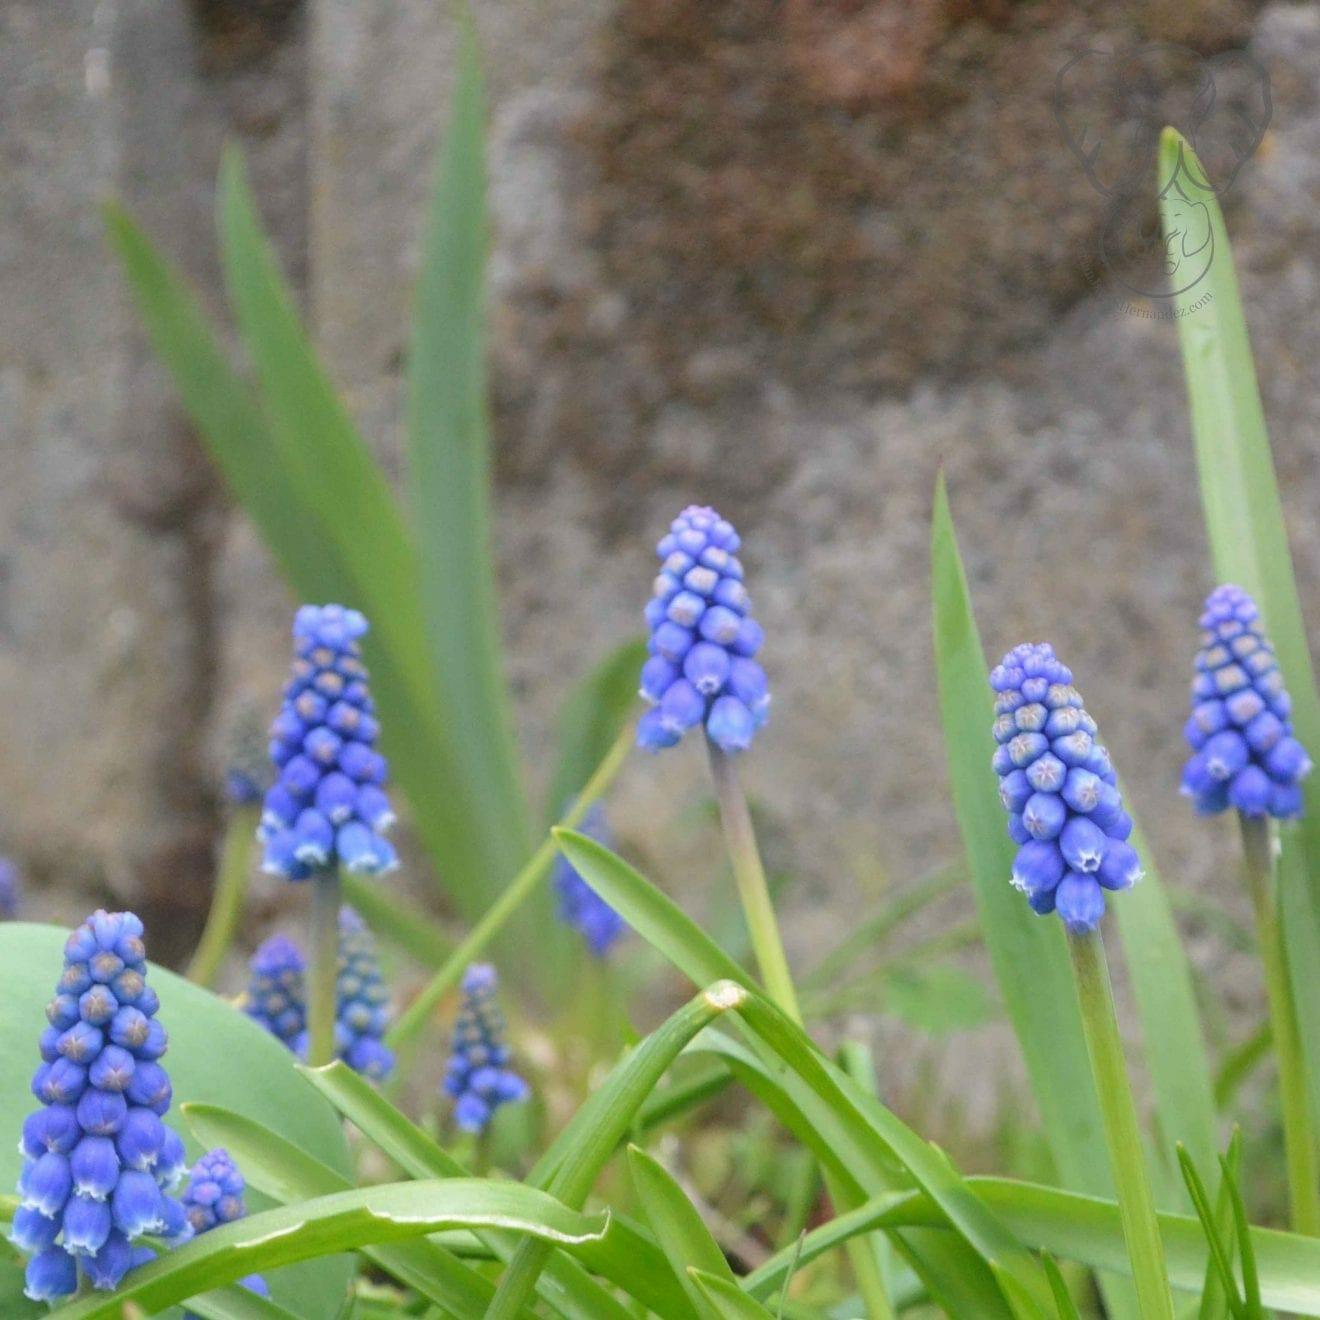 Hyacinth flowers, Victoria, British Columbia (Miranda Hernandez)